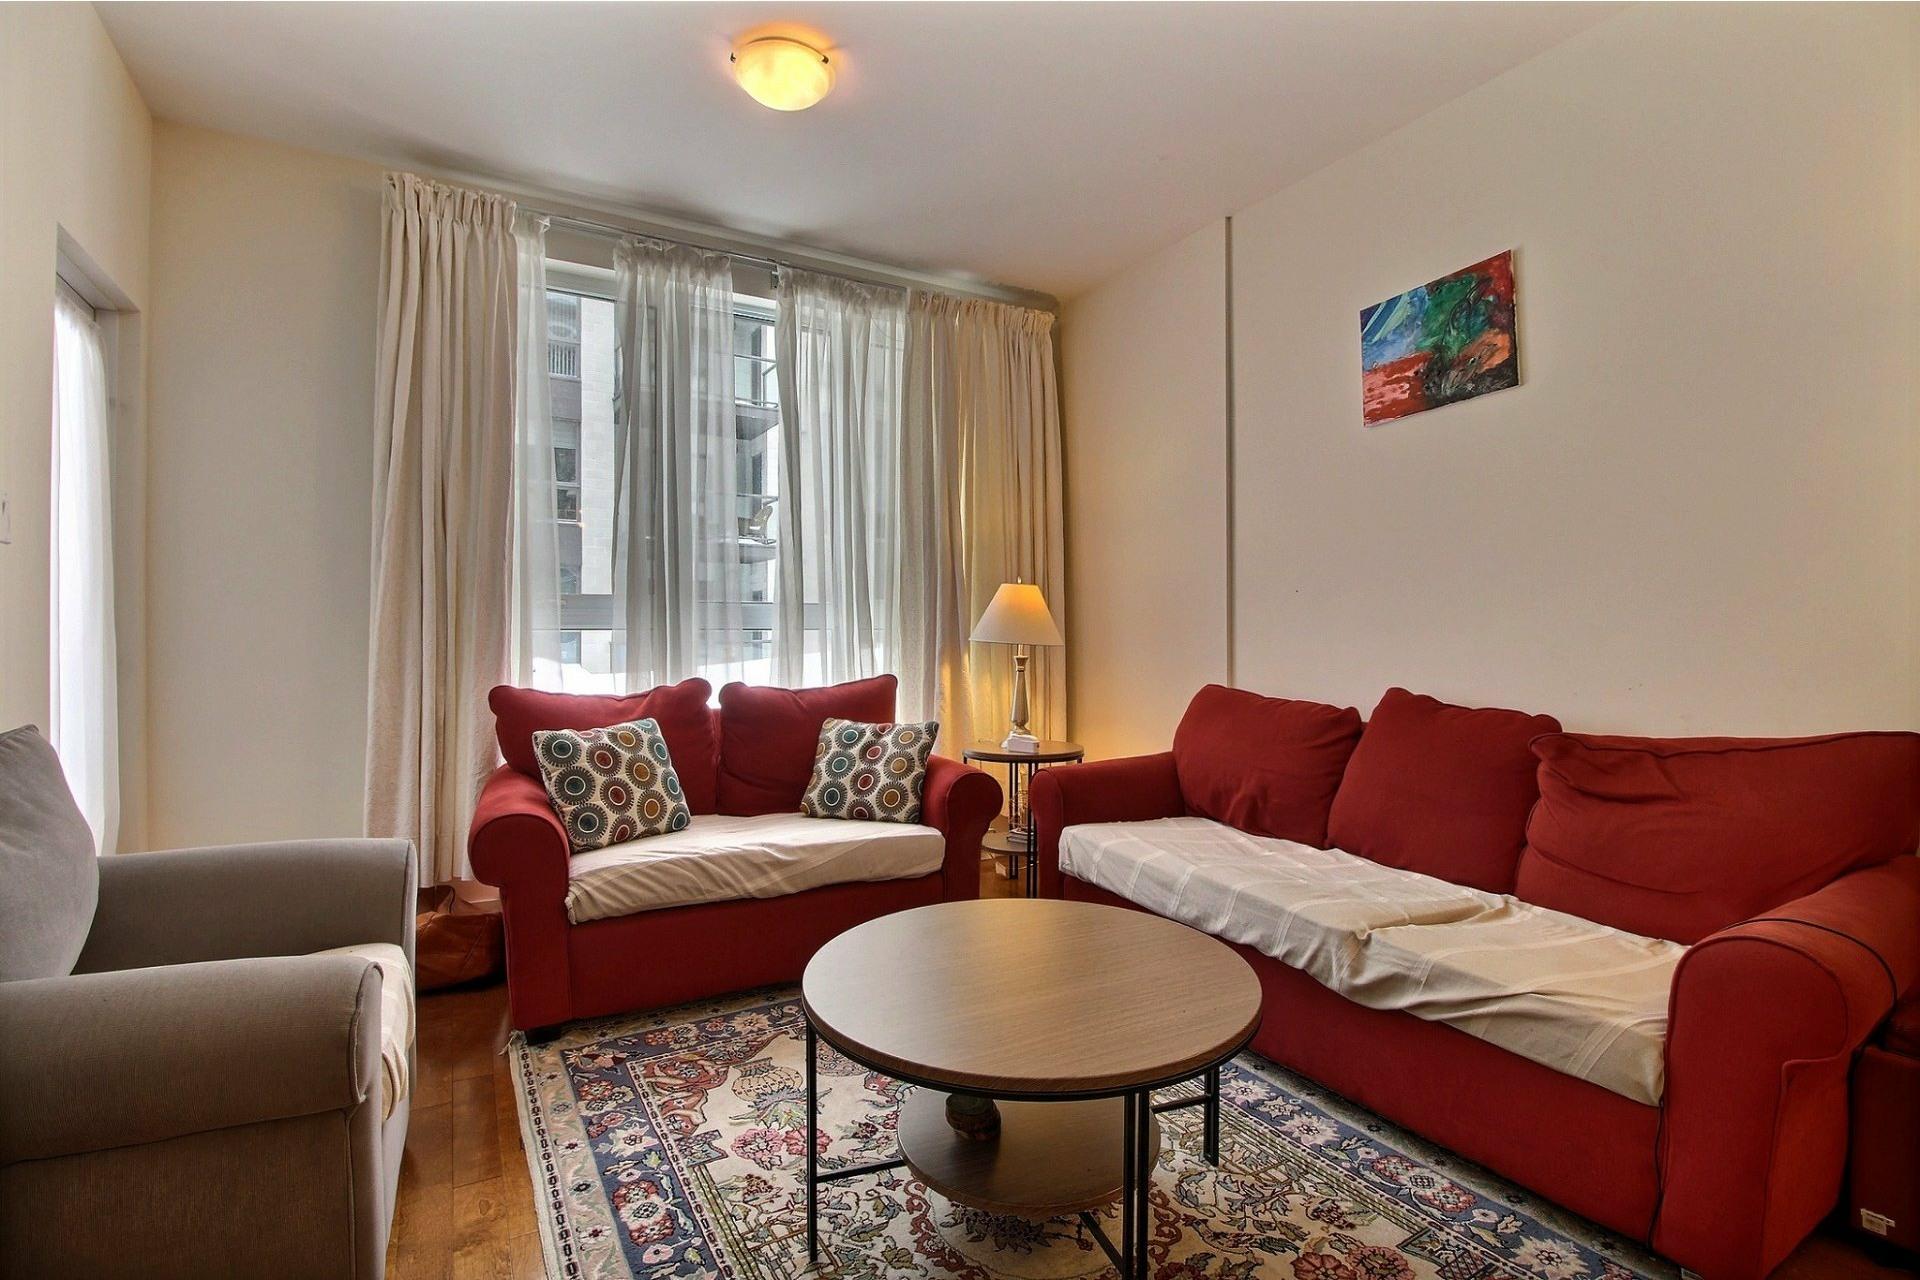 image 7 - Appartement À louer Rivière-des-Prairies/Pointe-aux-Trembles Montréal  - 6 pièces